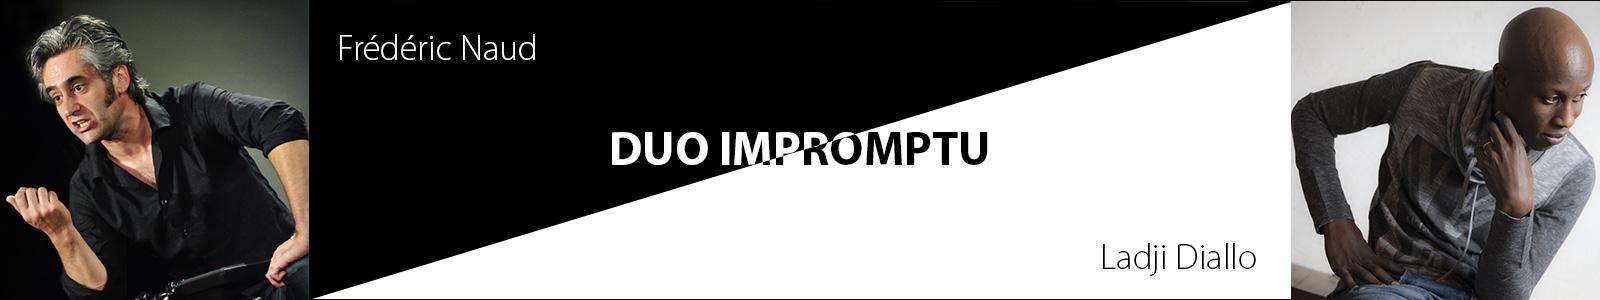 duo-impromptu